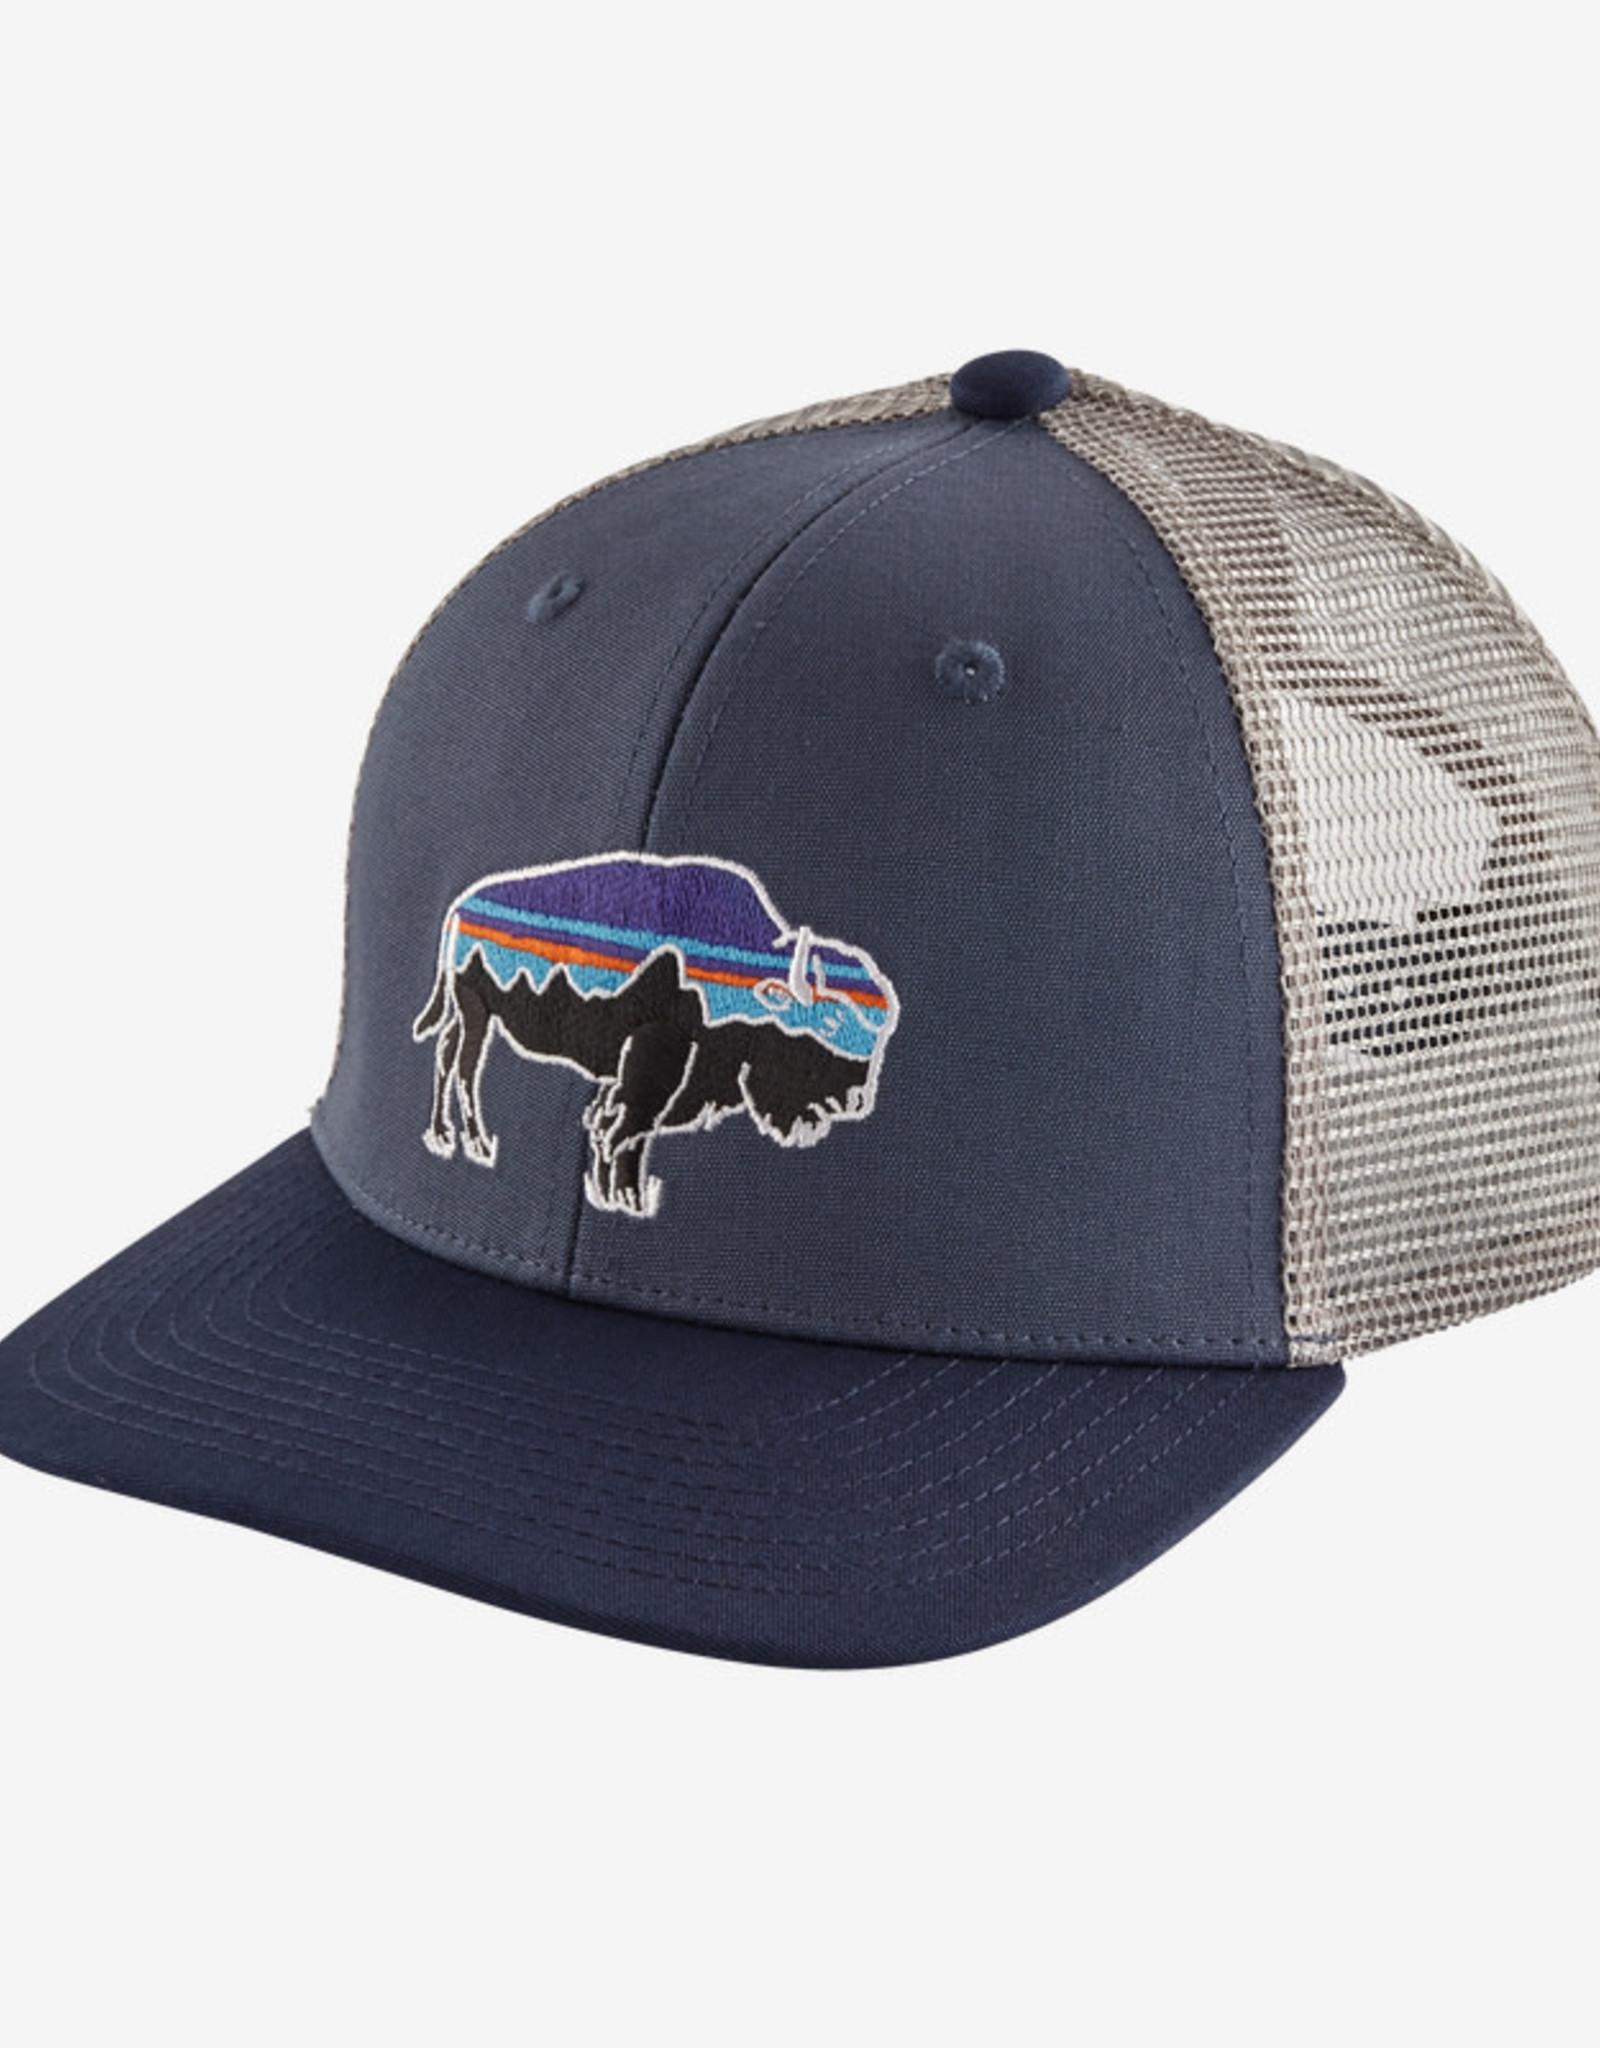 Patagonia Kid's Trucker Hat Fitz Roy Bison